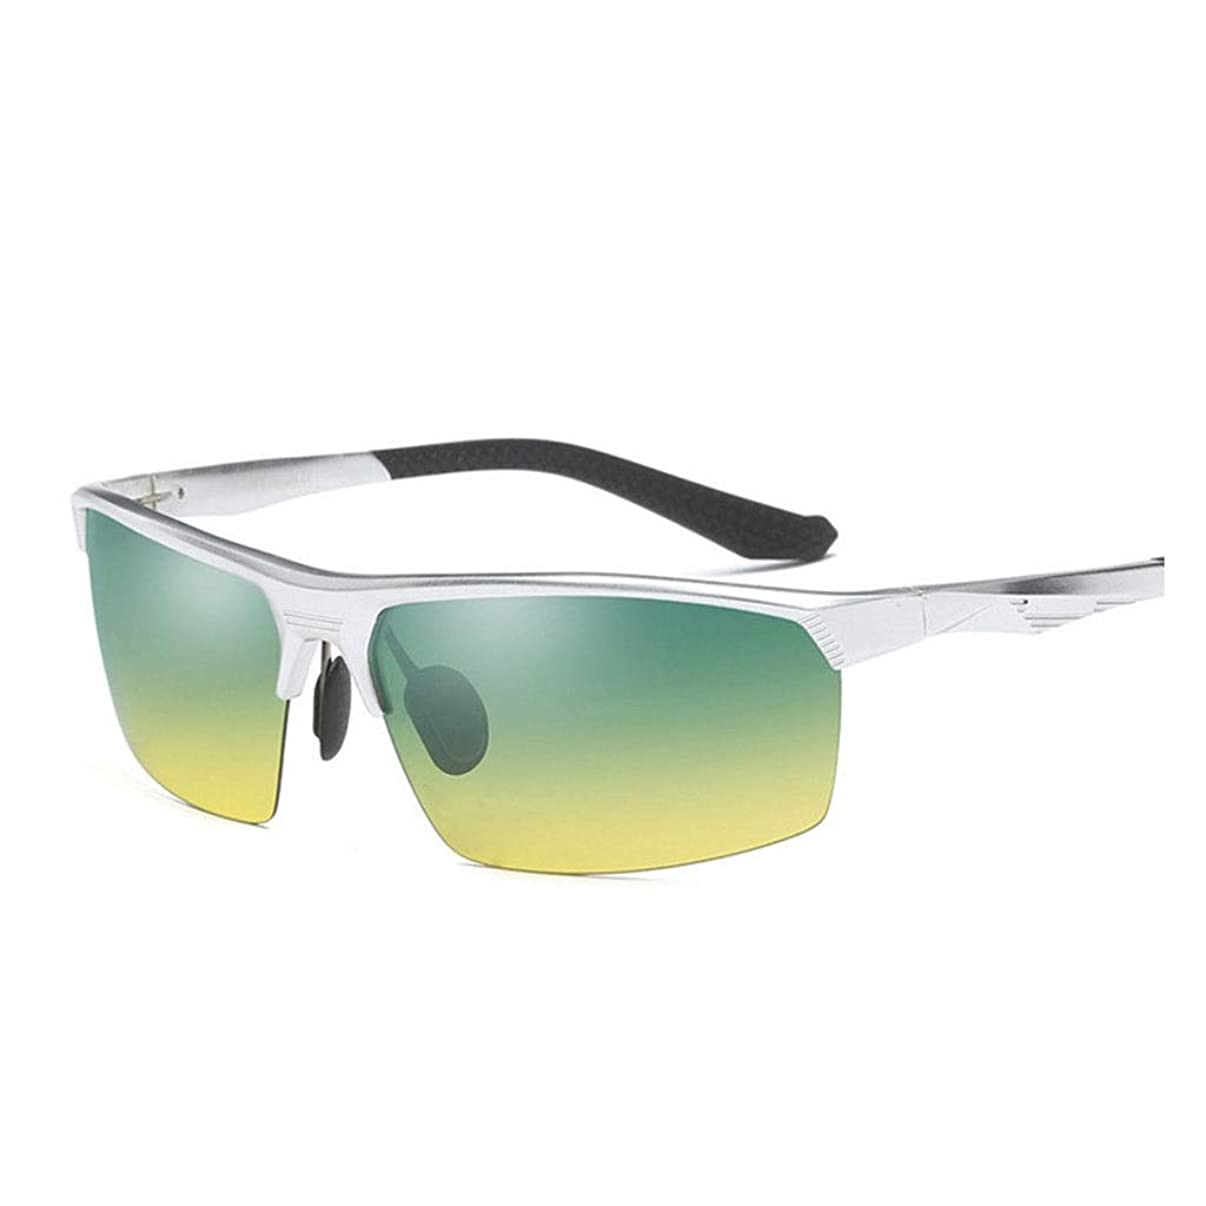 イブ着替える聡明ナイトビジョンメガネを運転するメンズアルミマグネシウム偏光サングラスアウトドアスポーツ